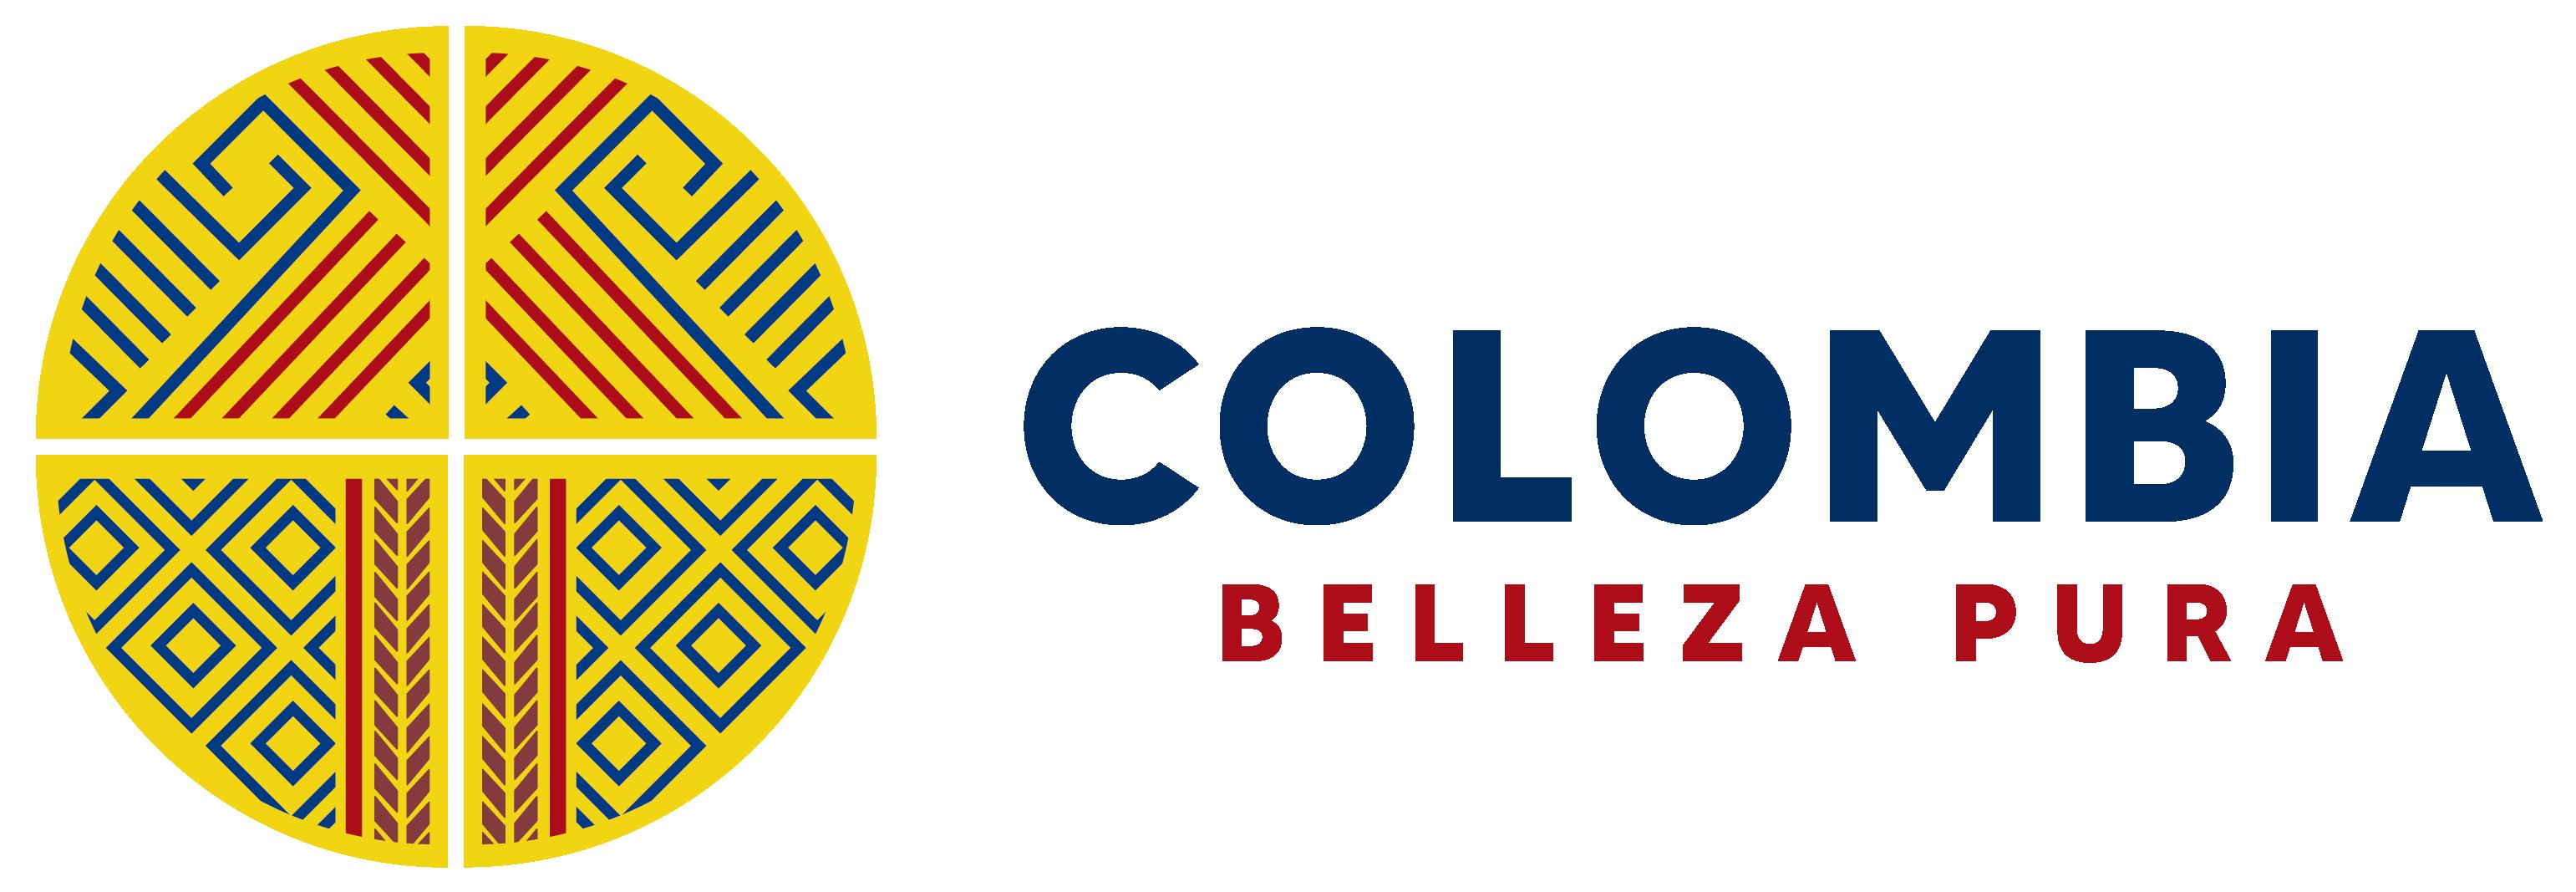 Colombia Belleza Pura